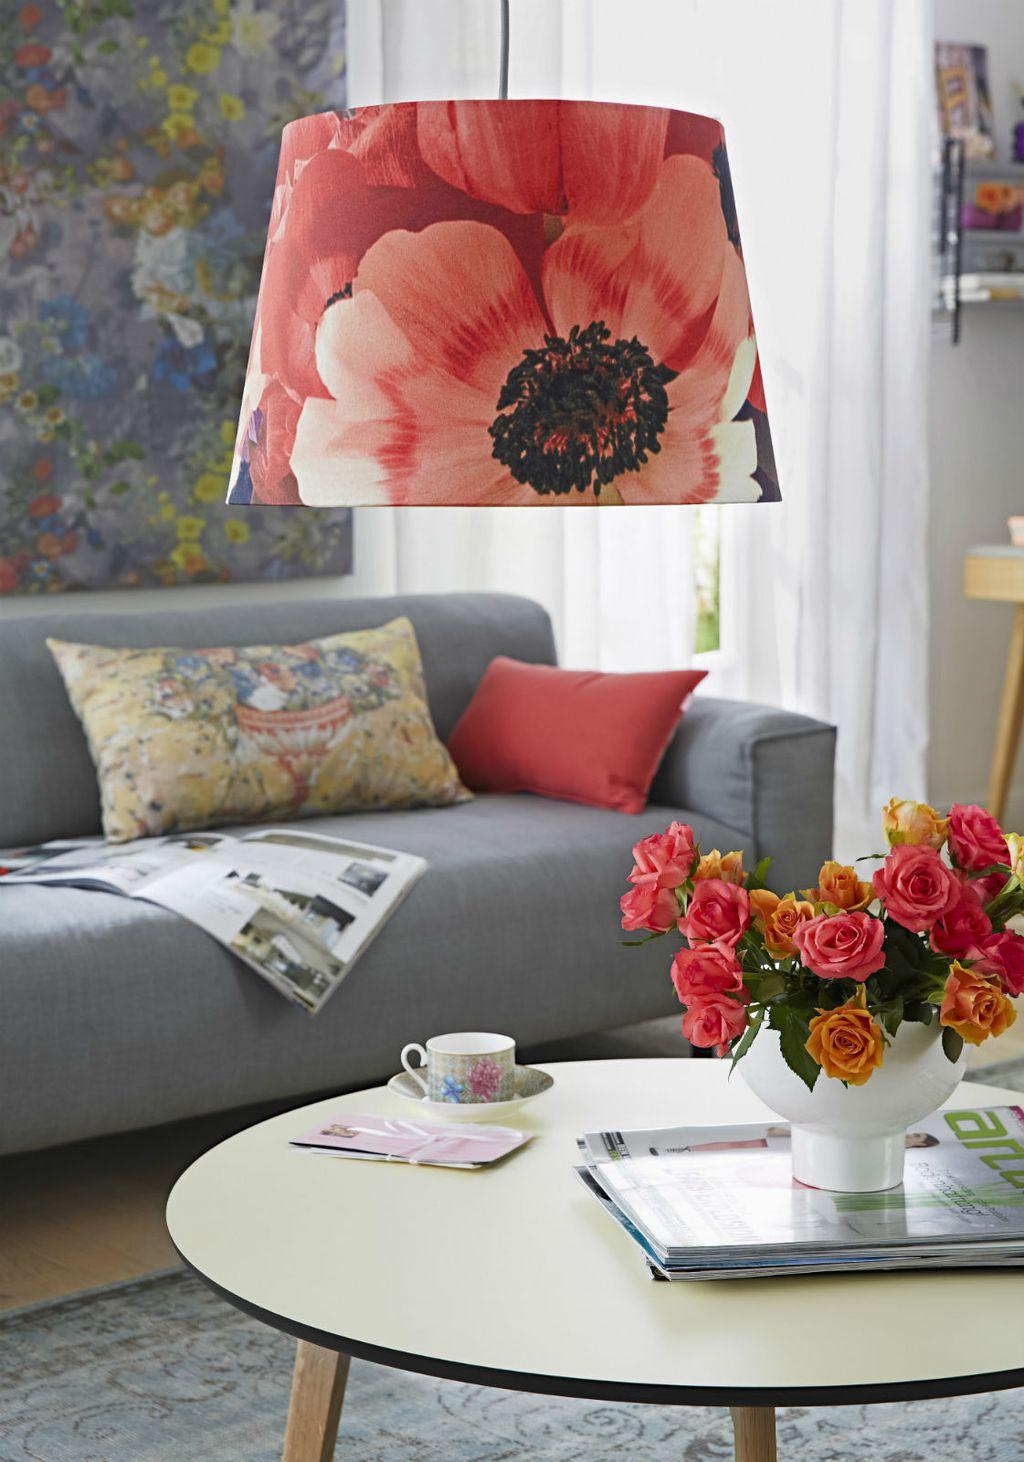 Predimenzionirano cvijeće je hit-uzorak za jesen kod uređenja interijera - 4